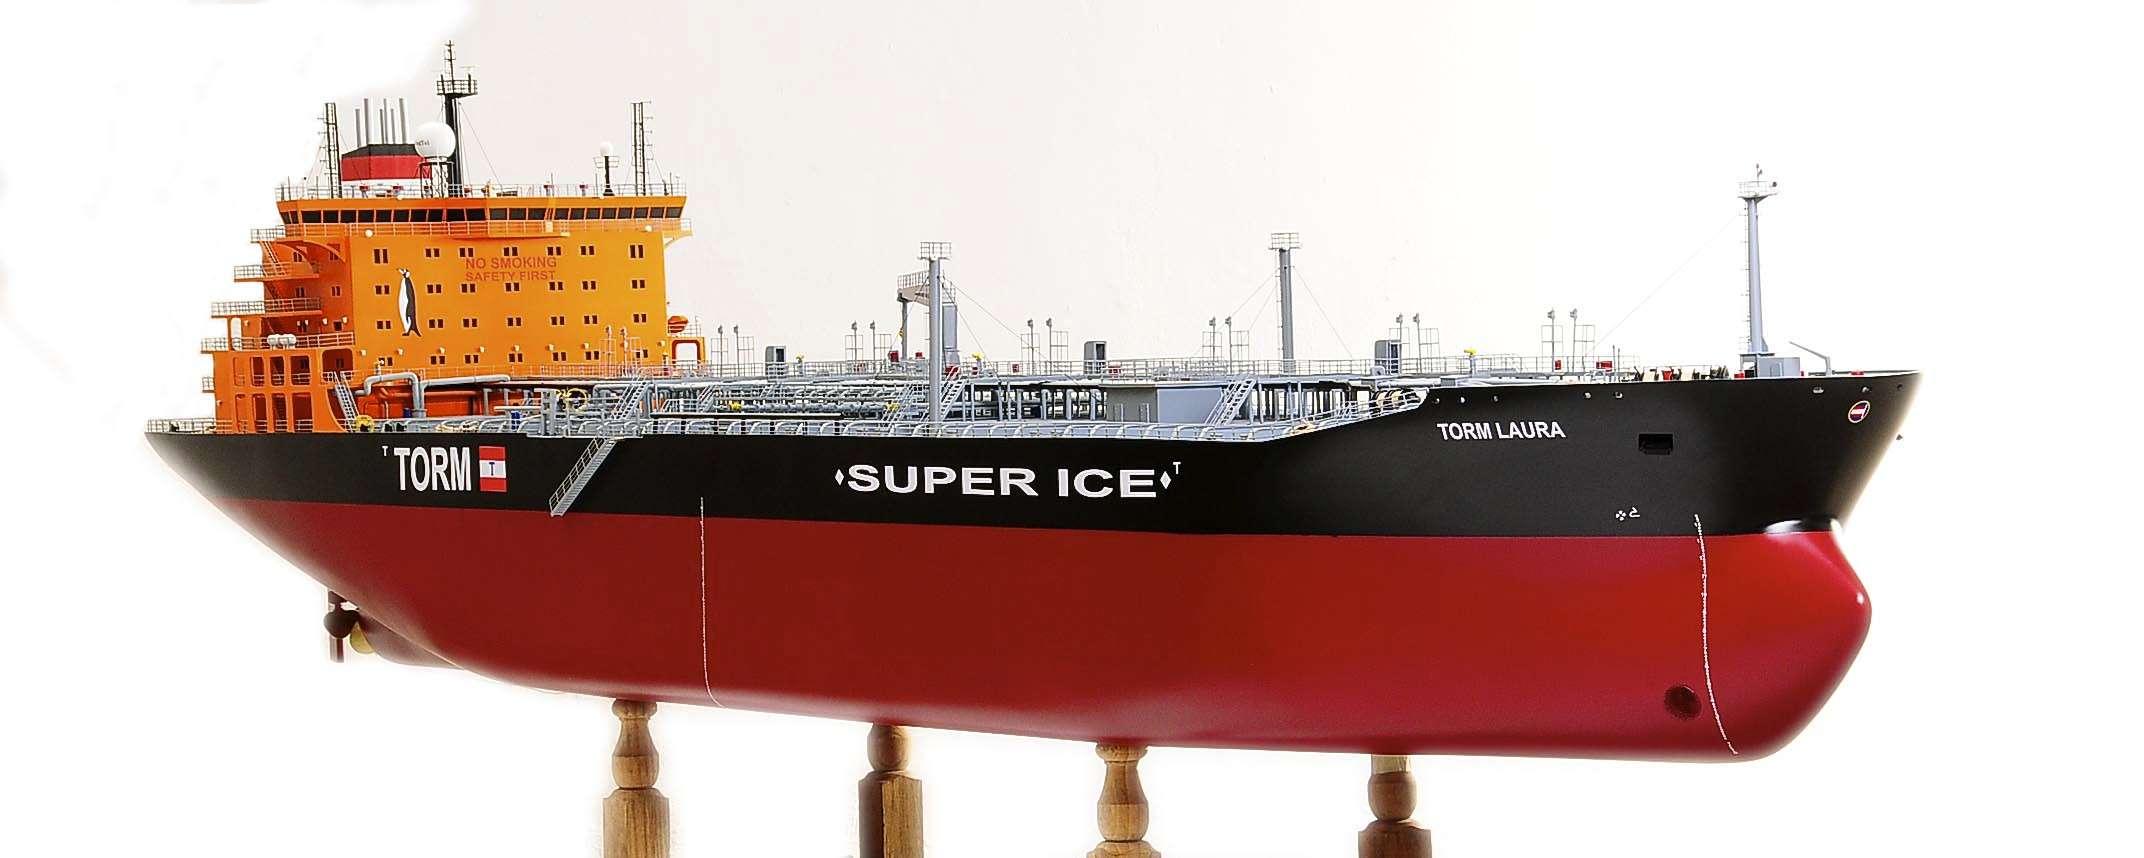 1426-4800-Oil-Tanker-Model-Ship